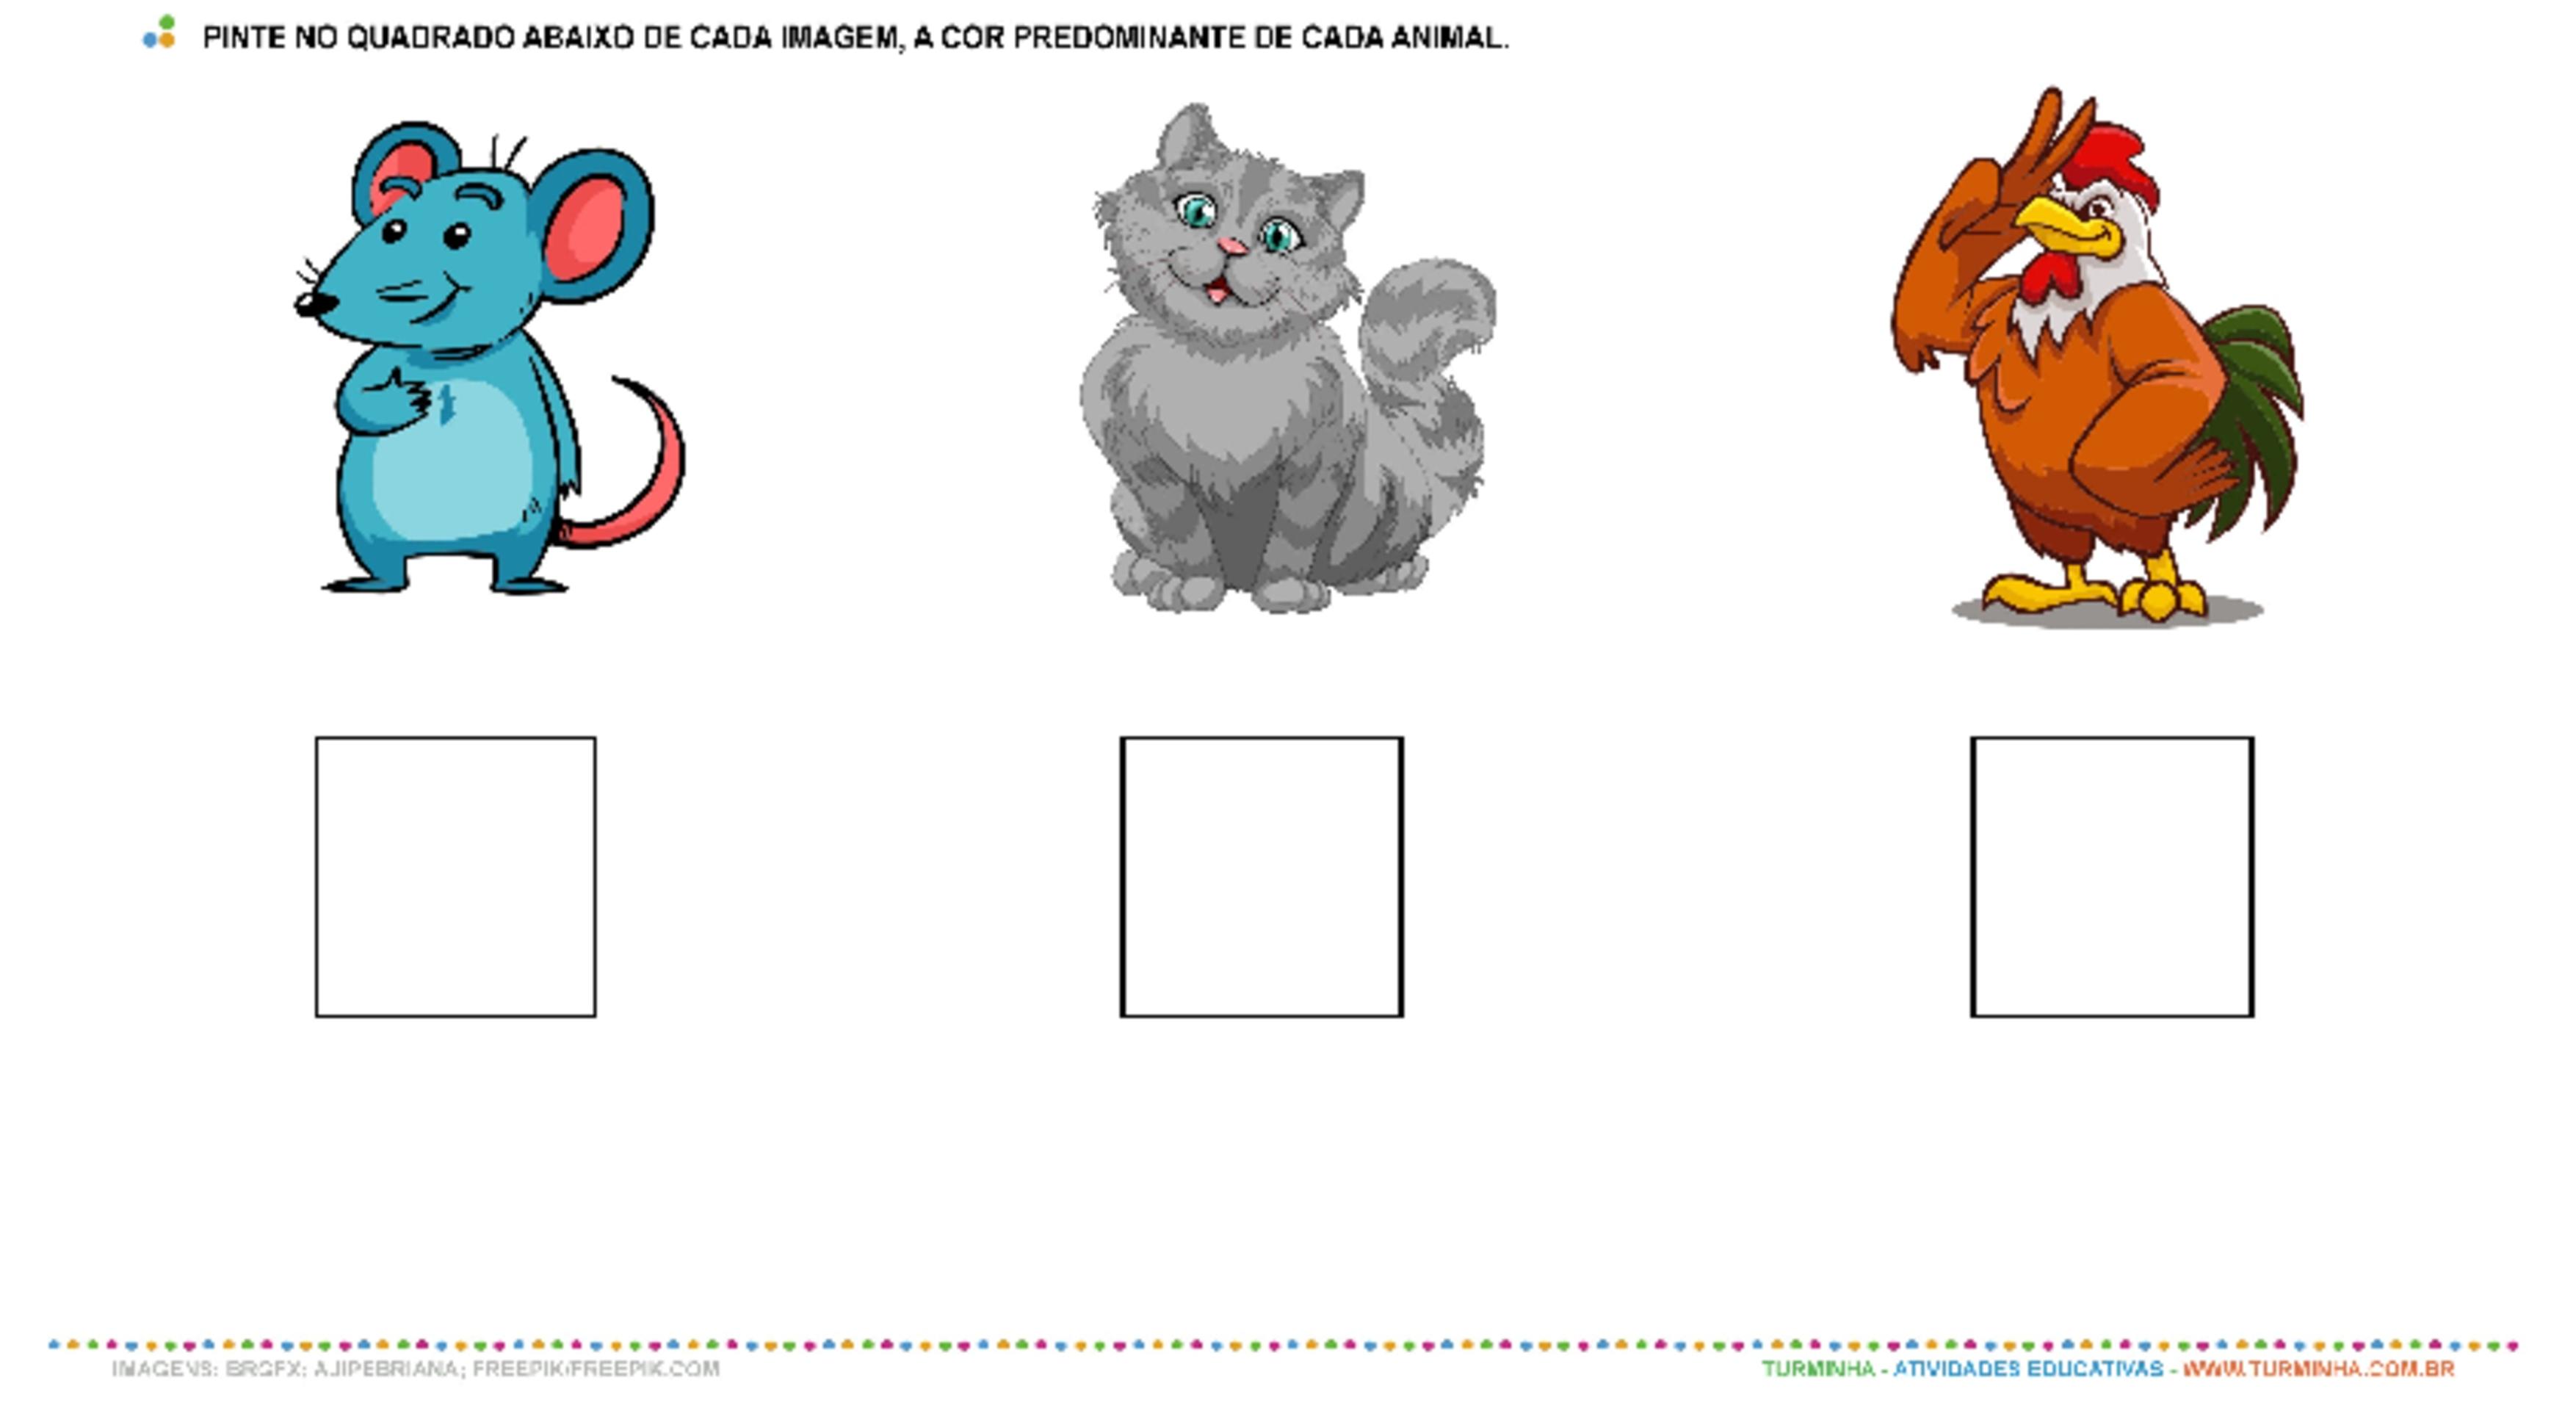 Animais e Cores - Pintura - atividade educativa para Creche (0 a 3 anos)